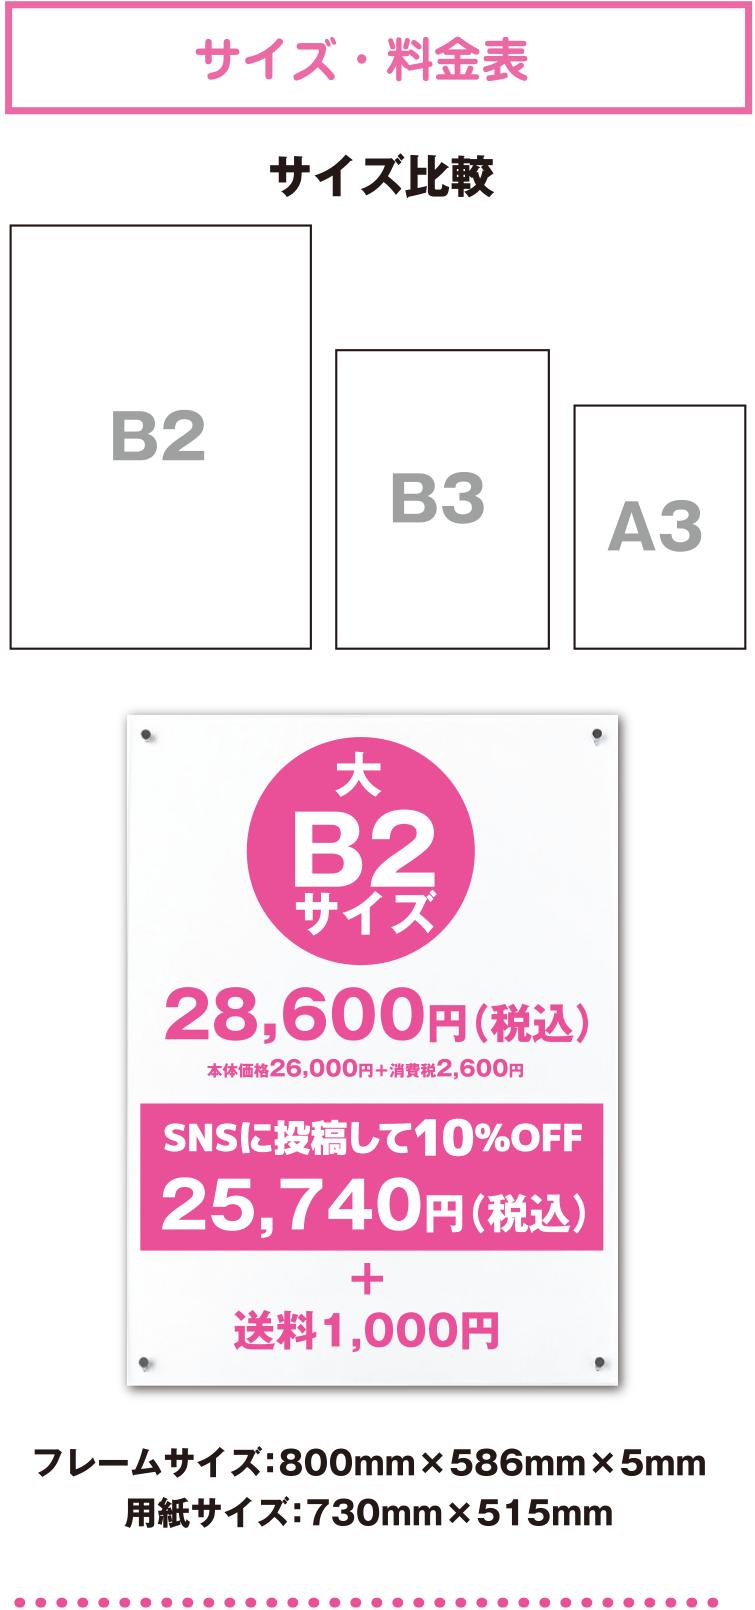 サイズ・料金表-B2サイズ:28,600円(税込)+送料1,000円